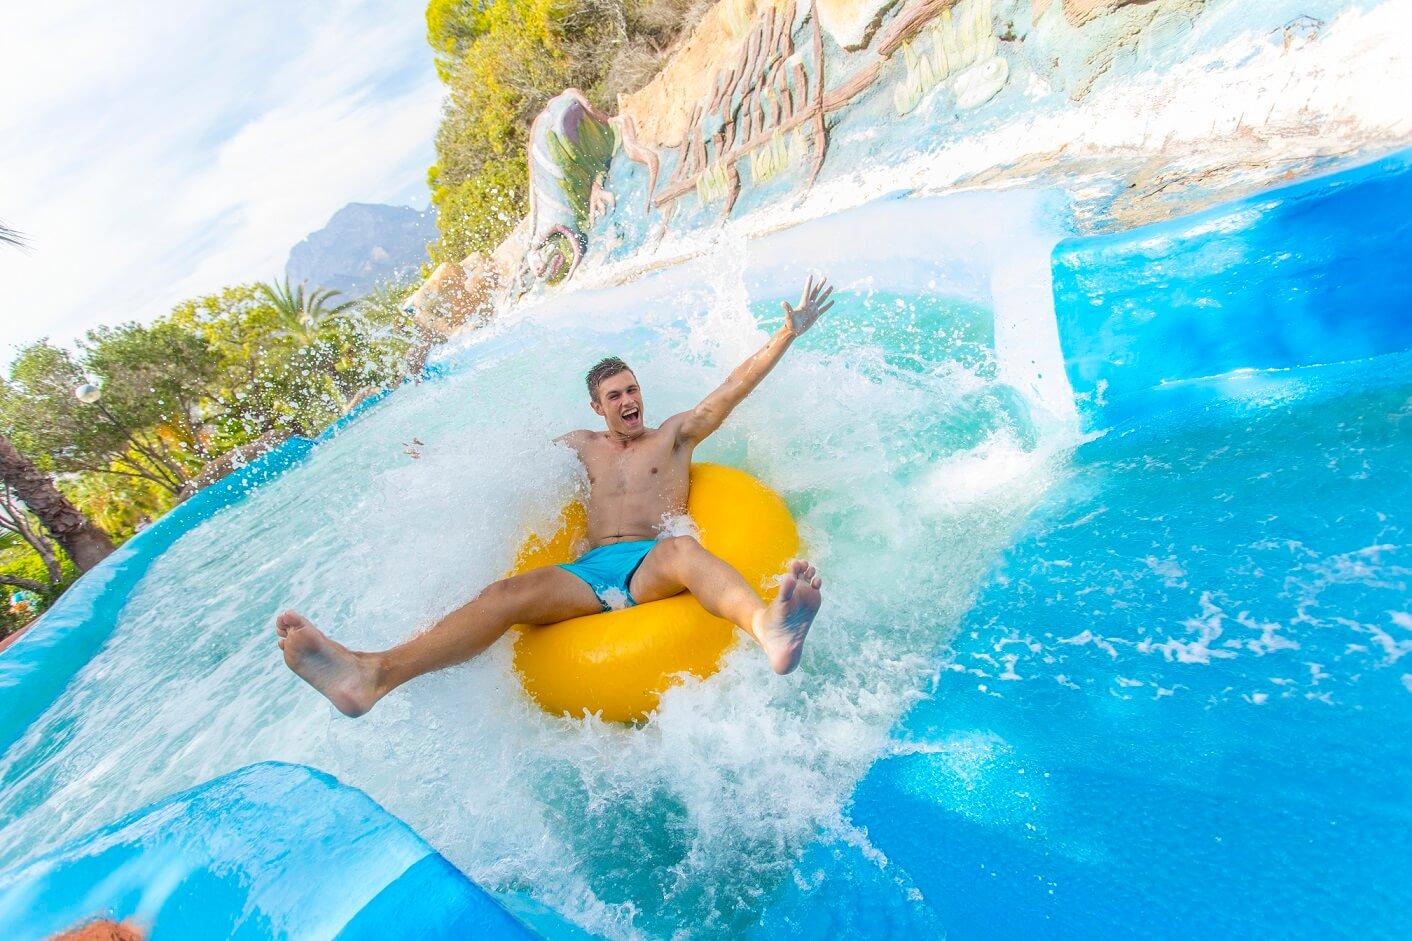 Cómo elegir el bañador perfecto para ir a Aqualandia